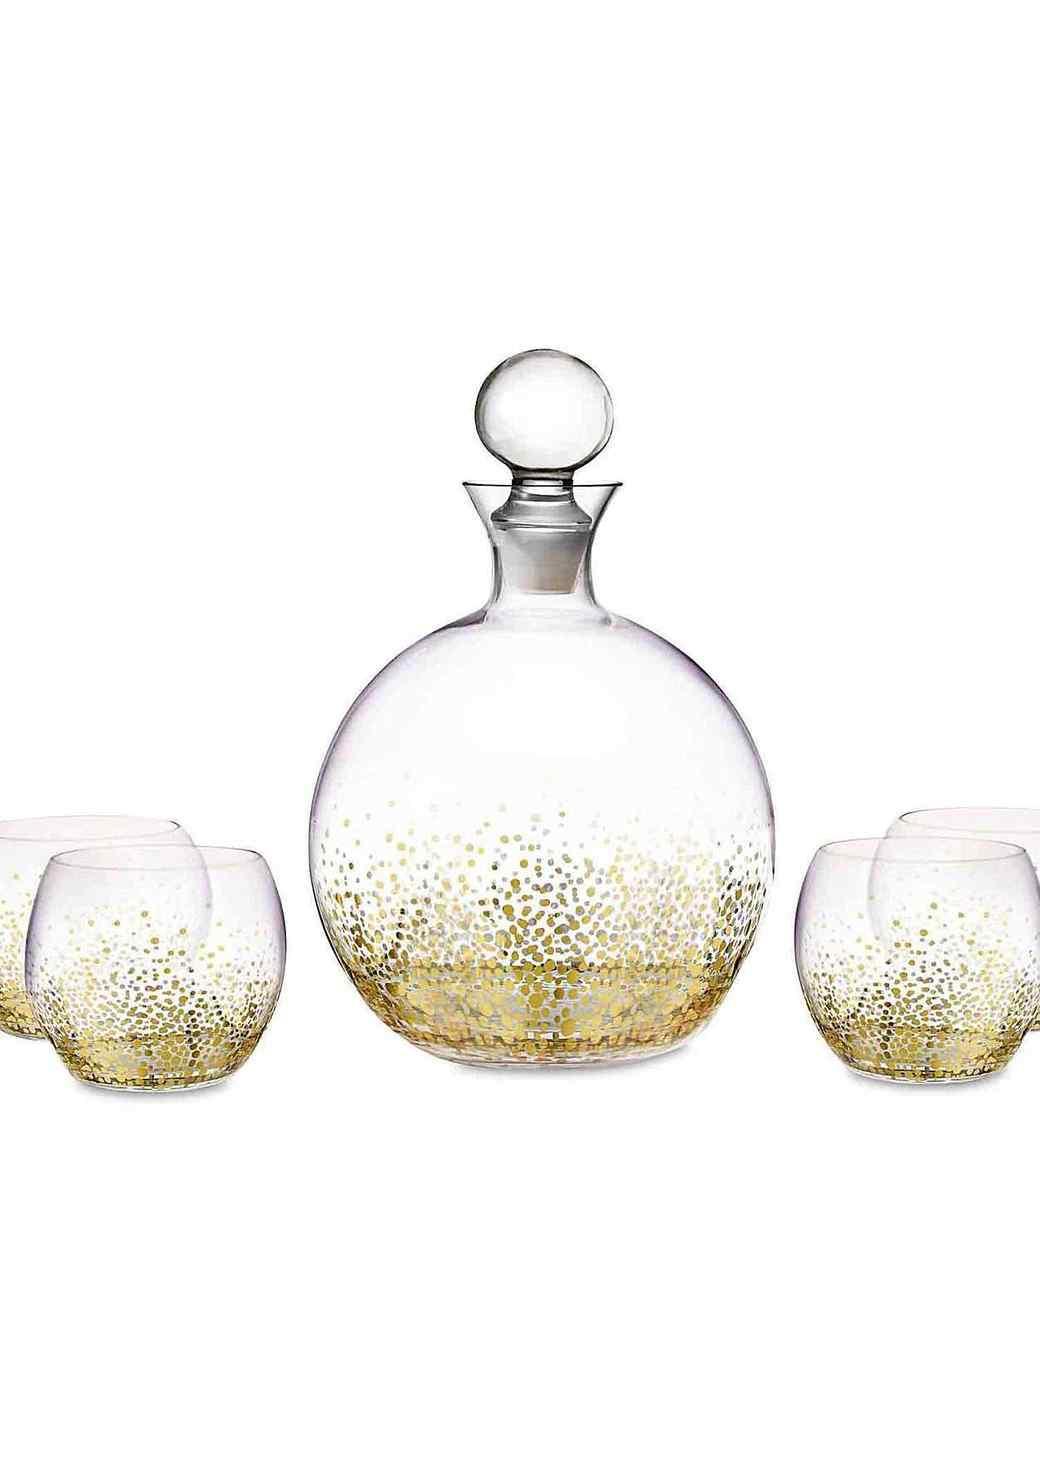 luster-wine-decanter-1215.jpg (skyword:209154)